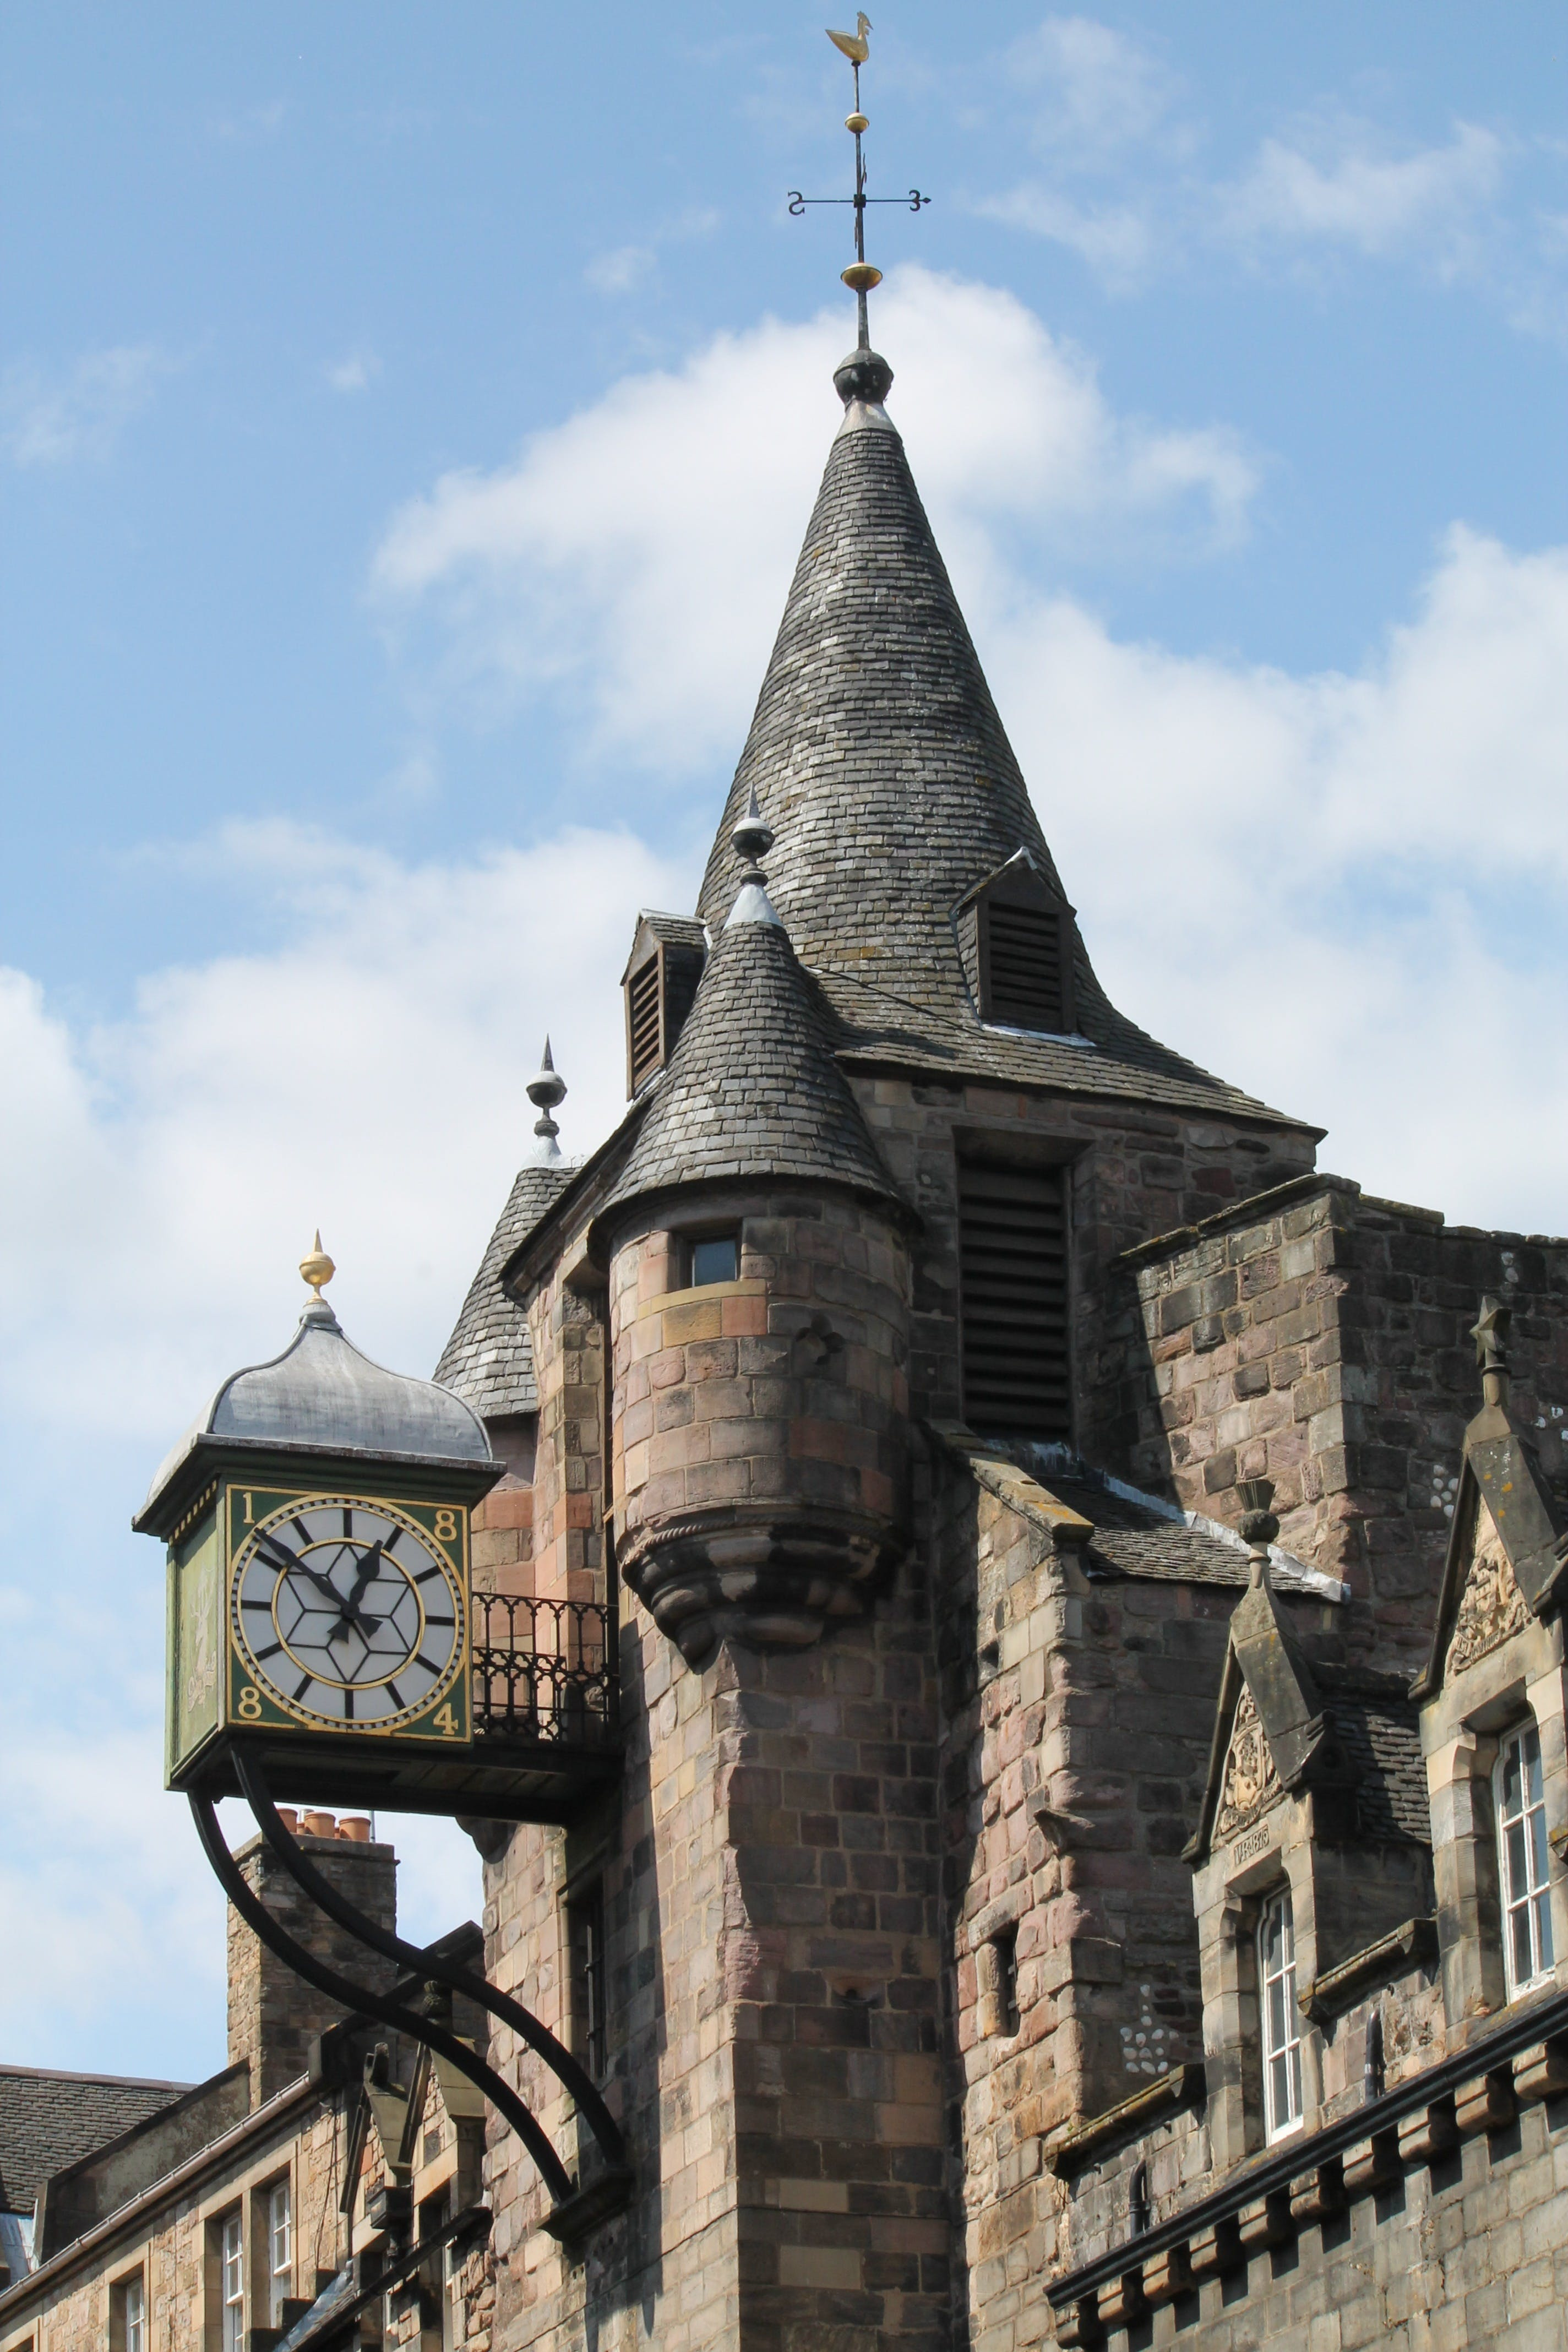 城堡, 建造, 時間, 石 的 免費圖庫相片